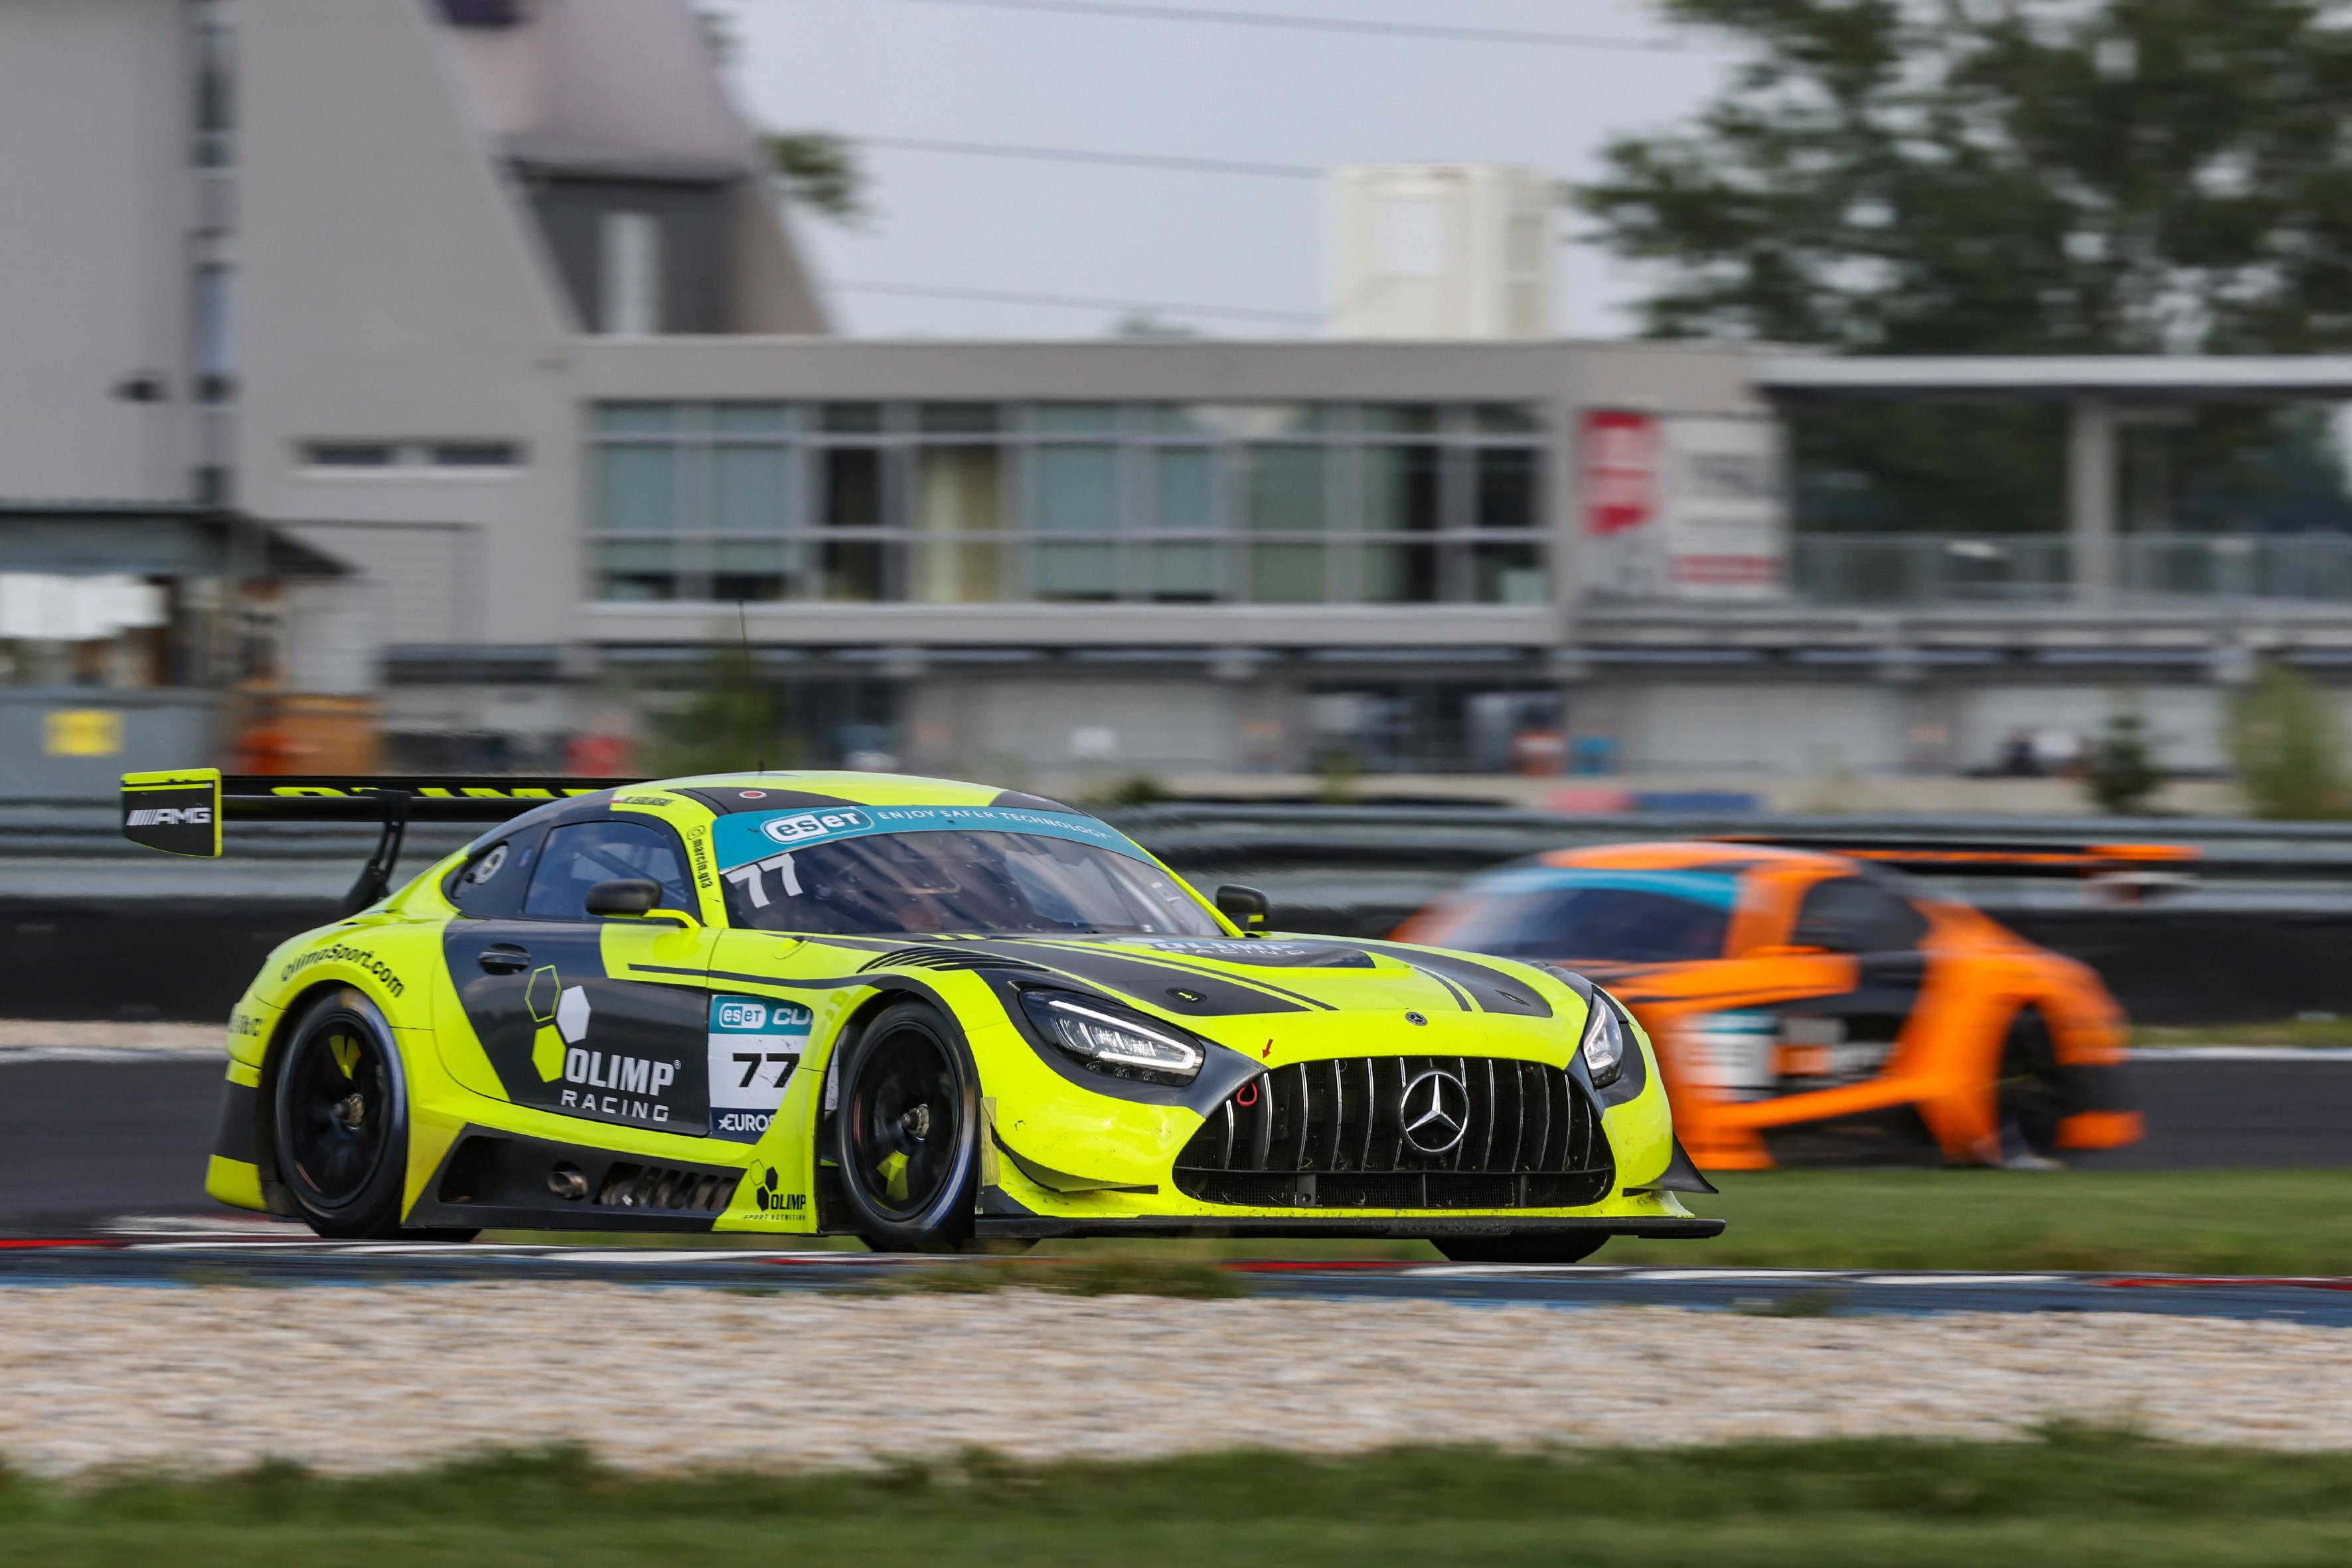 Jedlinski secures GT3 Sprint championship title